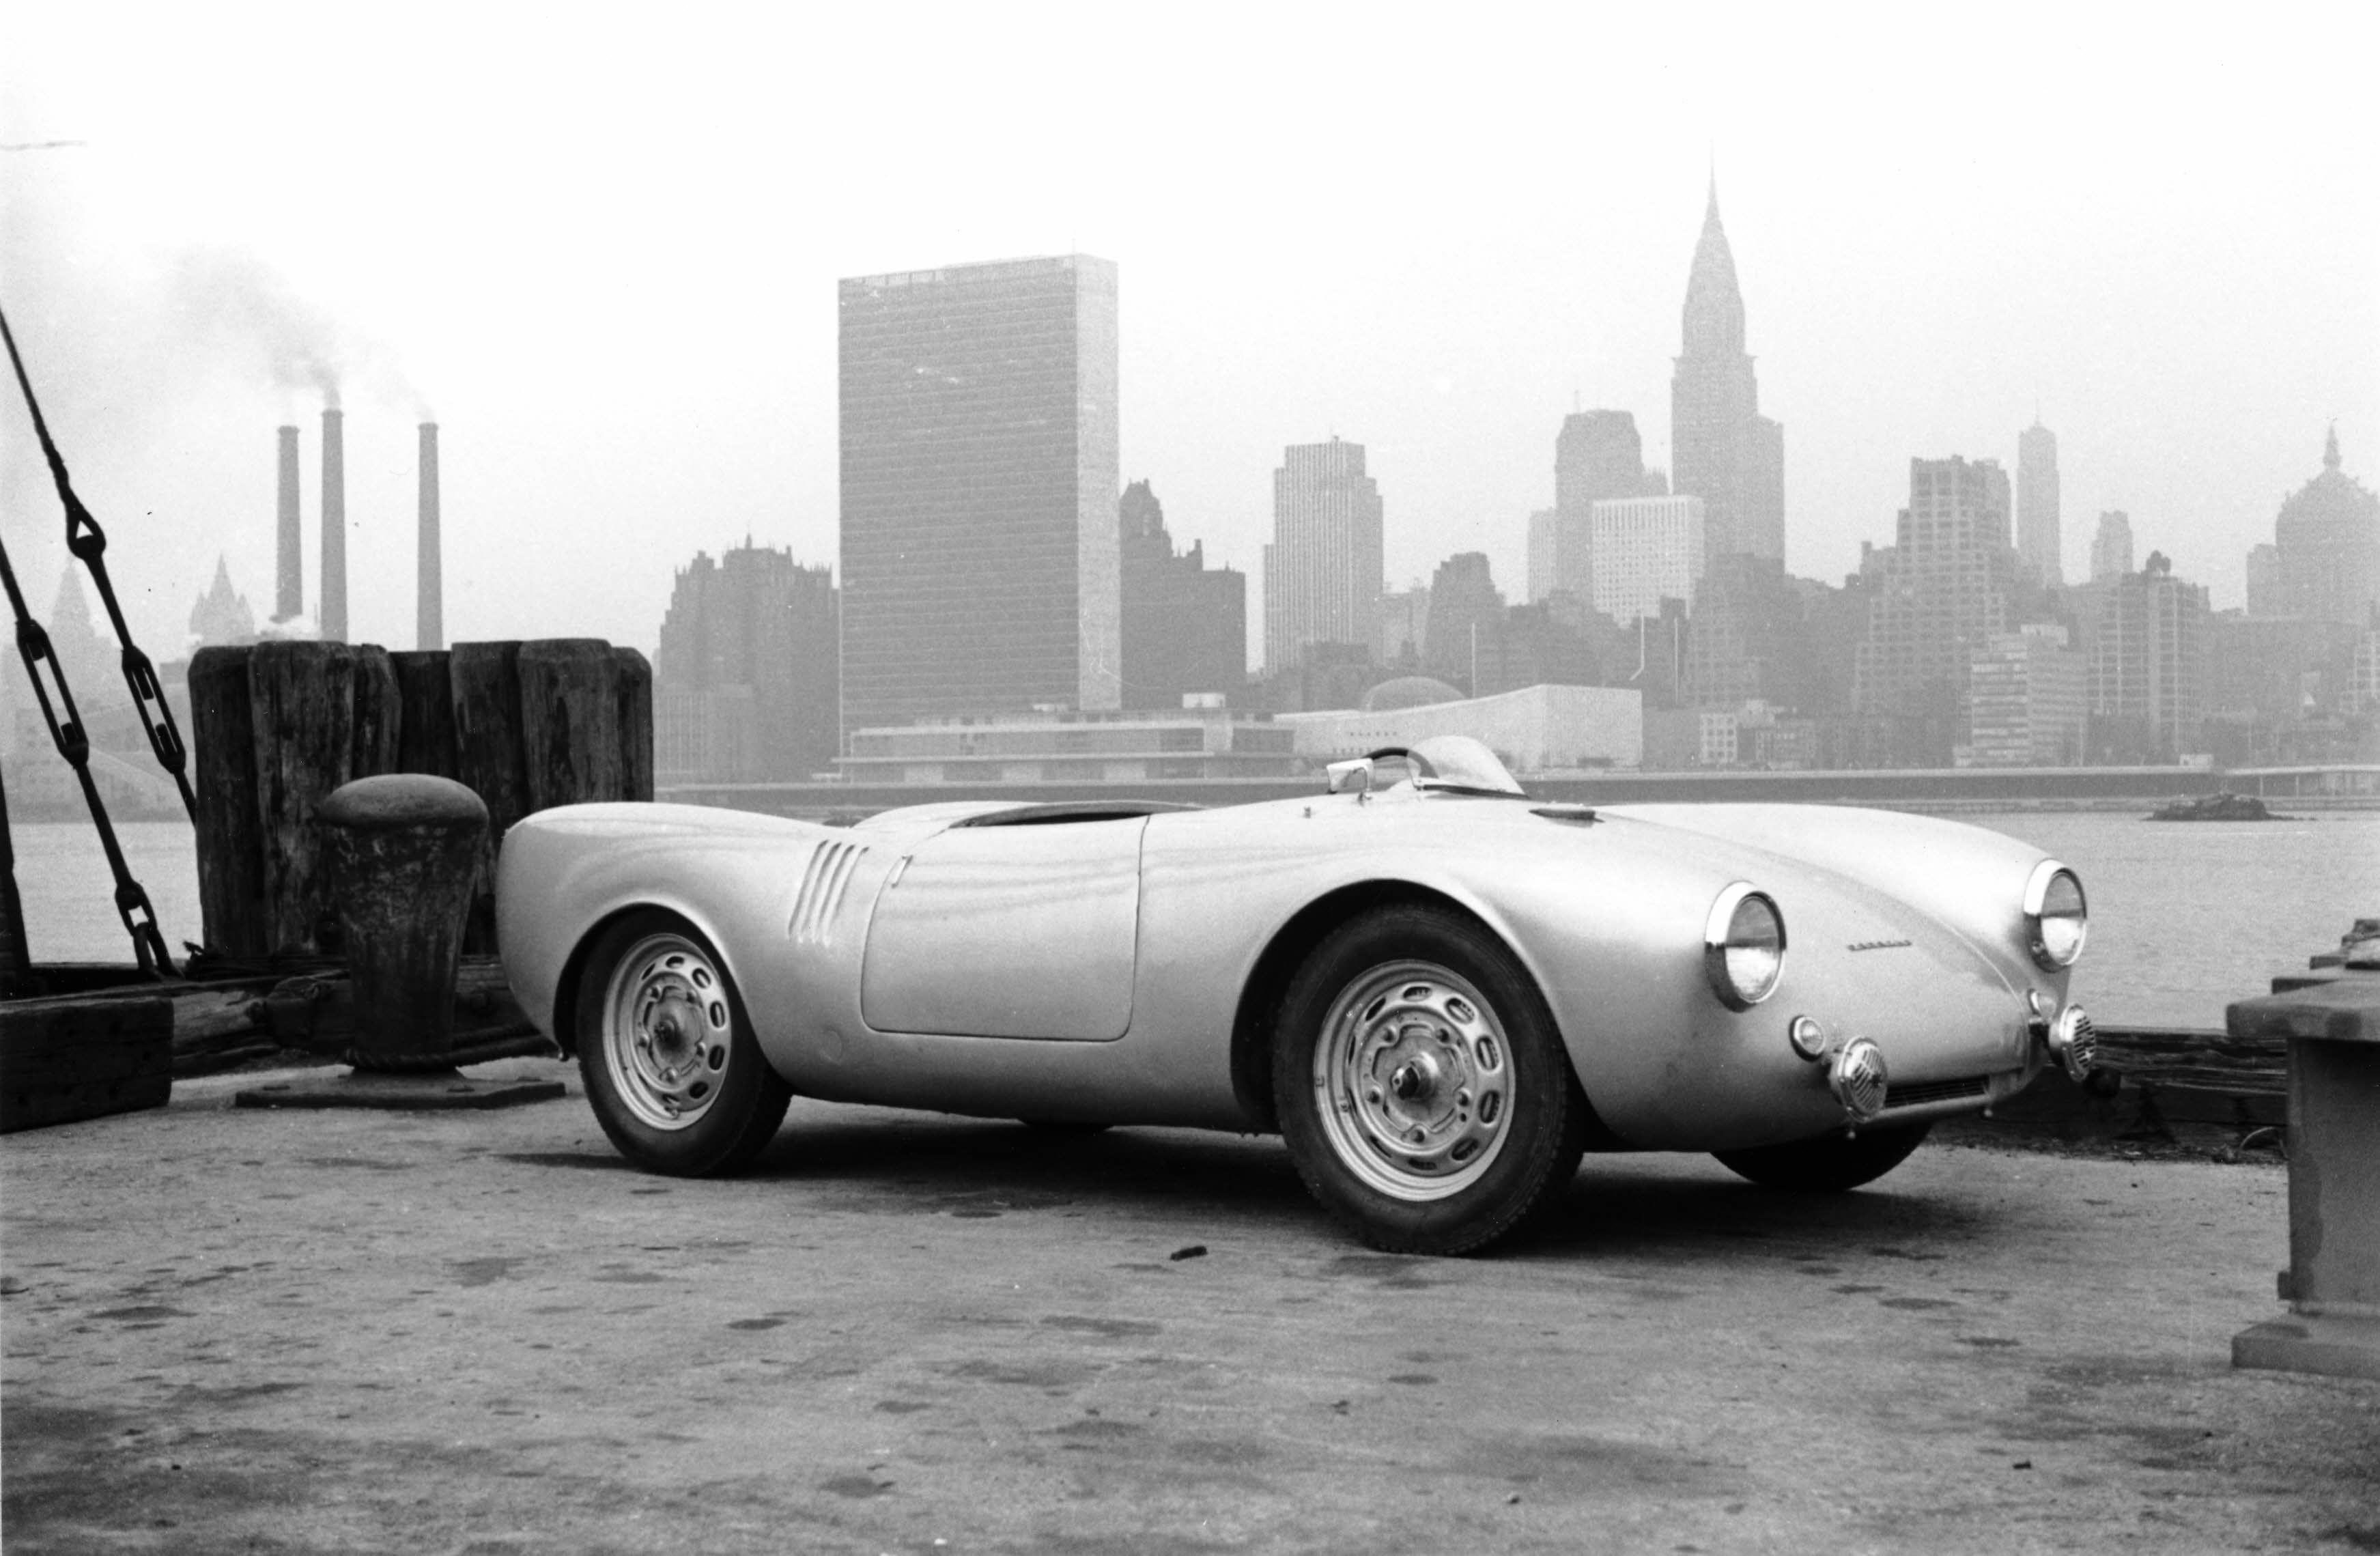 Porsche 550 spyder pictured in new york 1950